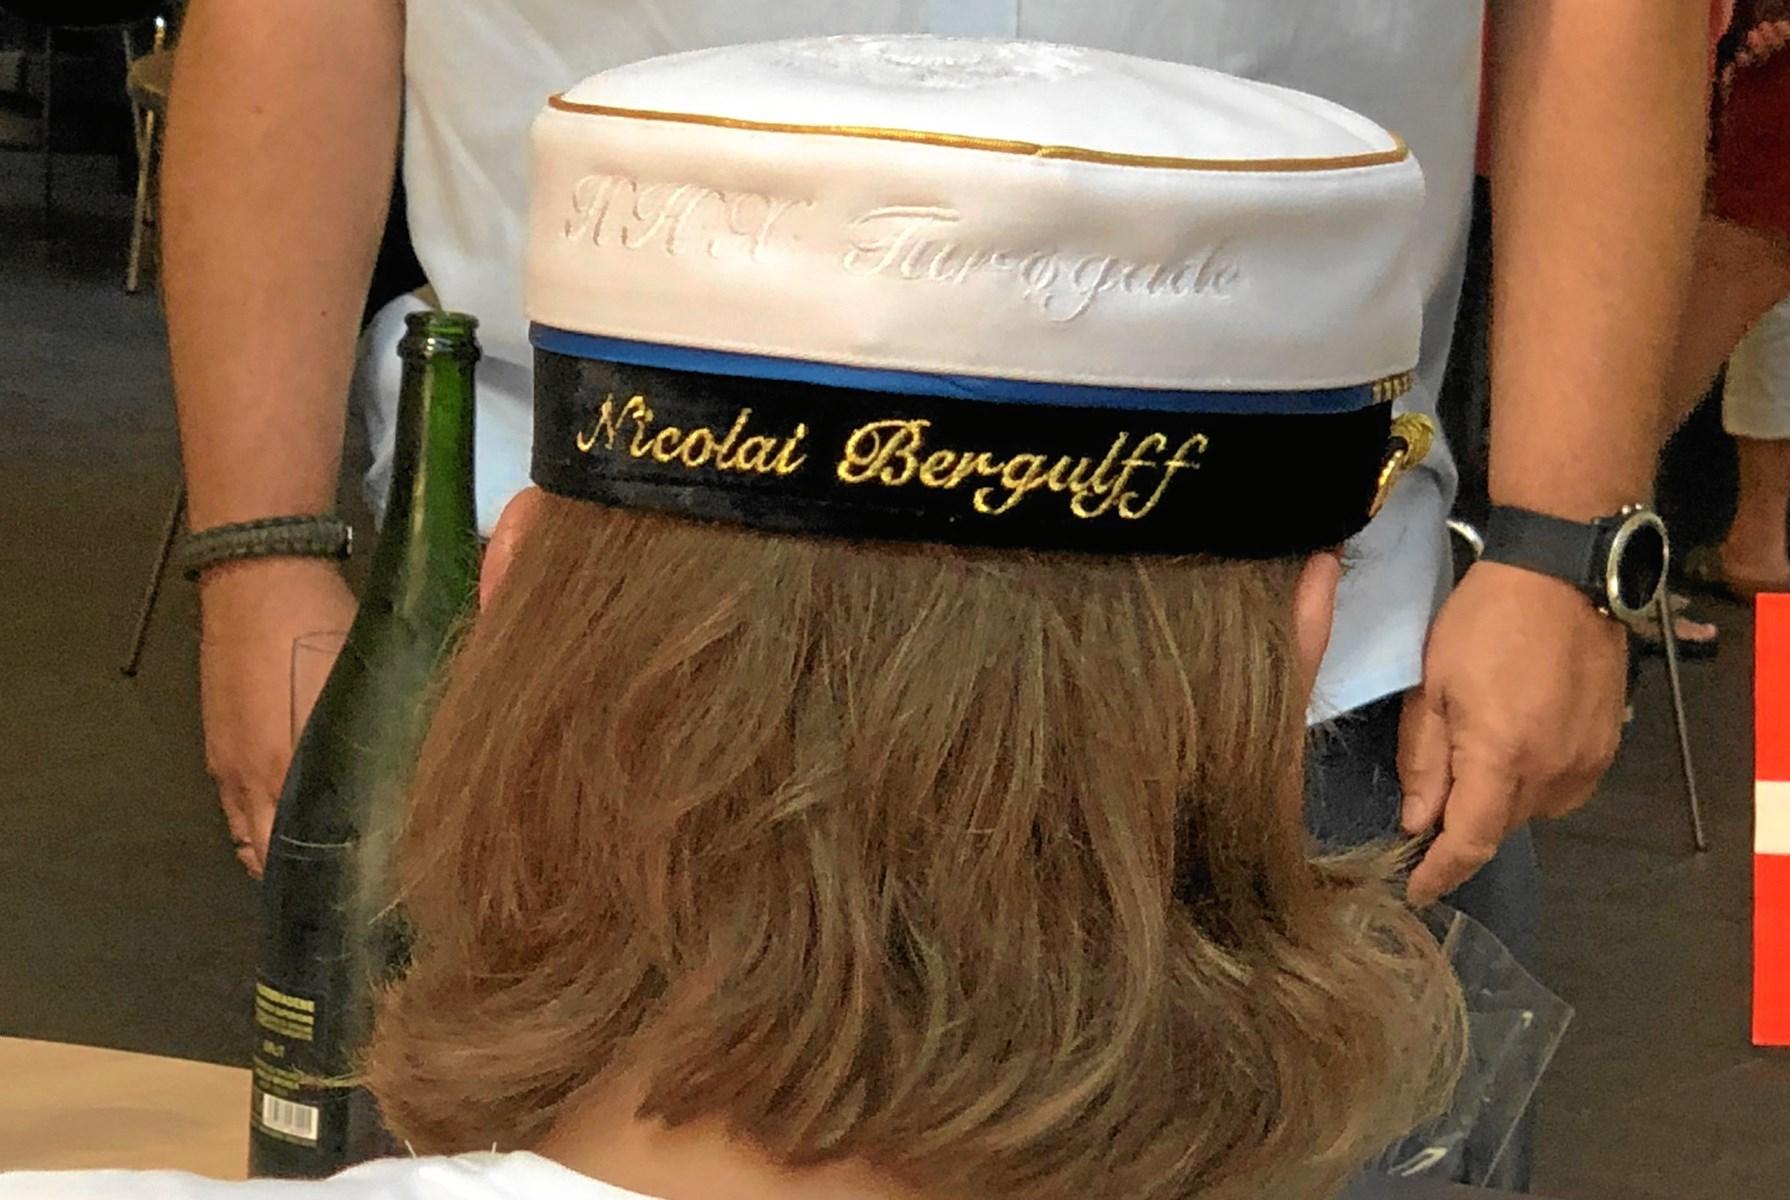 Ingen andre kan få glæde af Nicolai Bergulffs studenterhue for både hans og skolens navn er broderet bagpå. Privatfoto